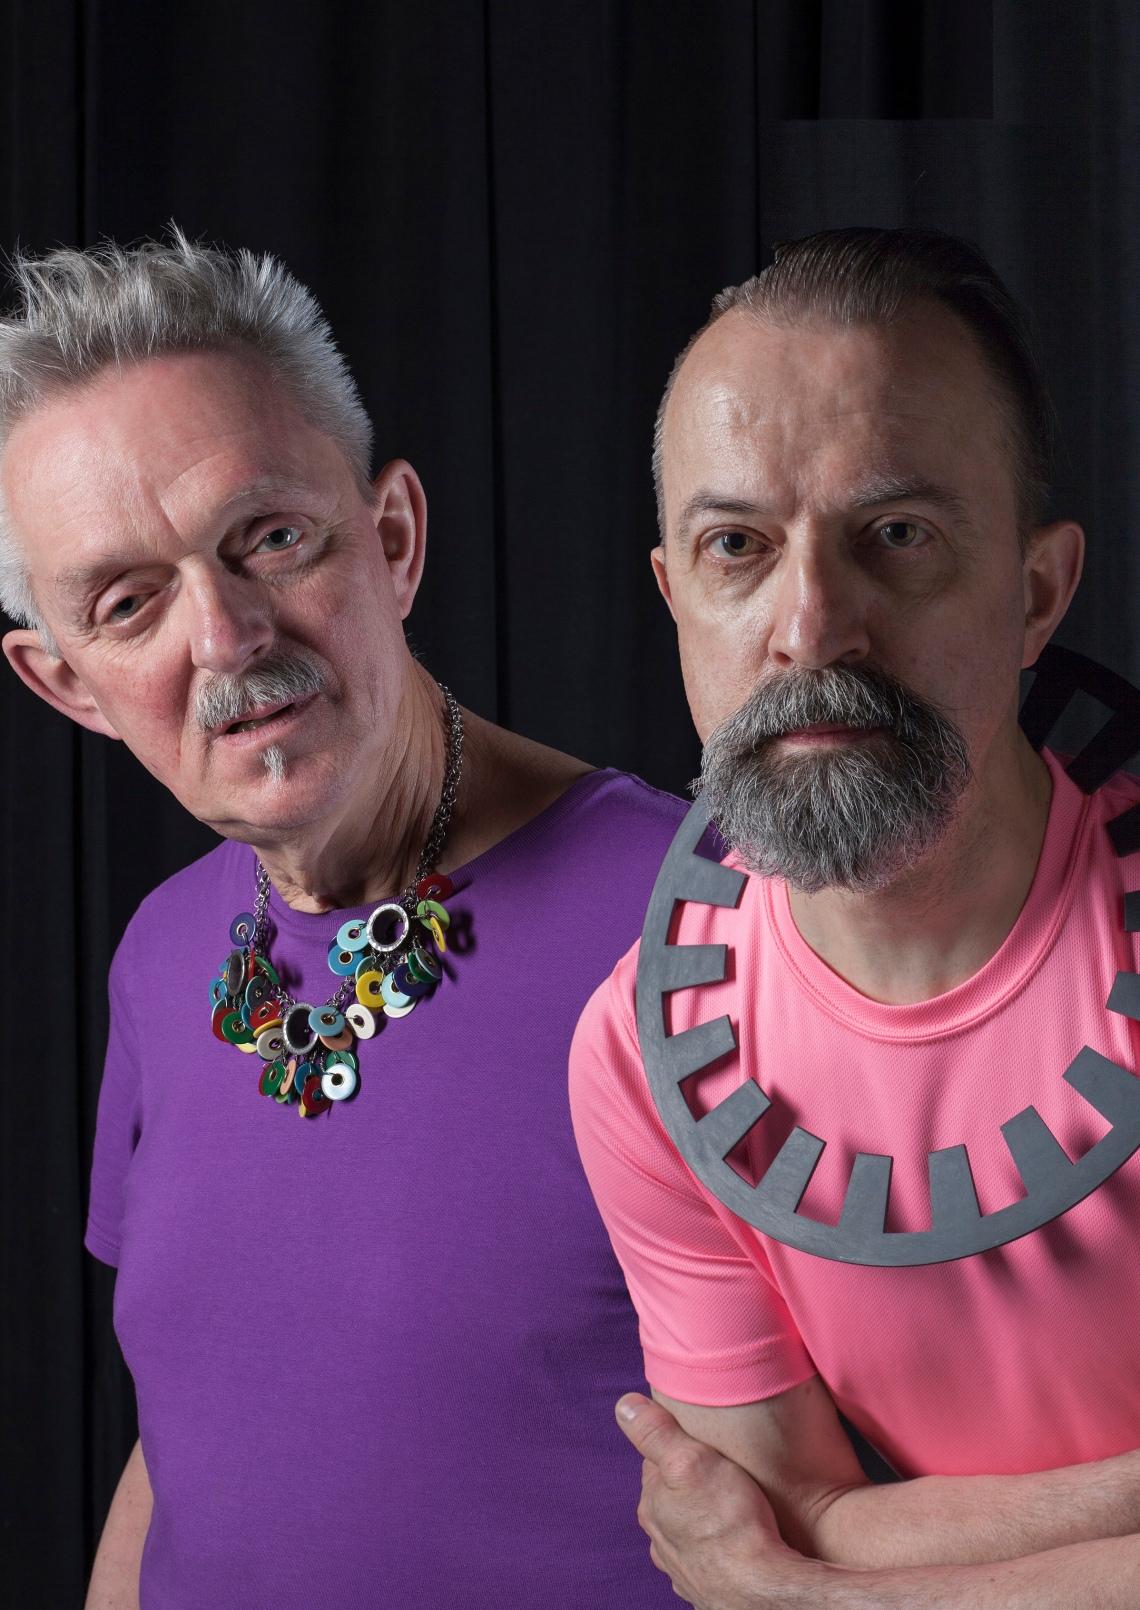 Willem Hoogstede met collier van Daniel Kruger, Paul Derrez met collier van David Watkins. Foto met dank aan CODA©